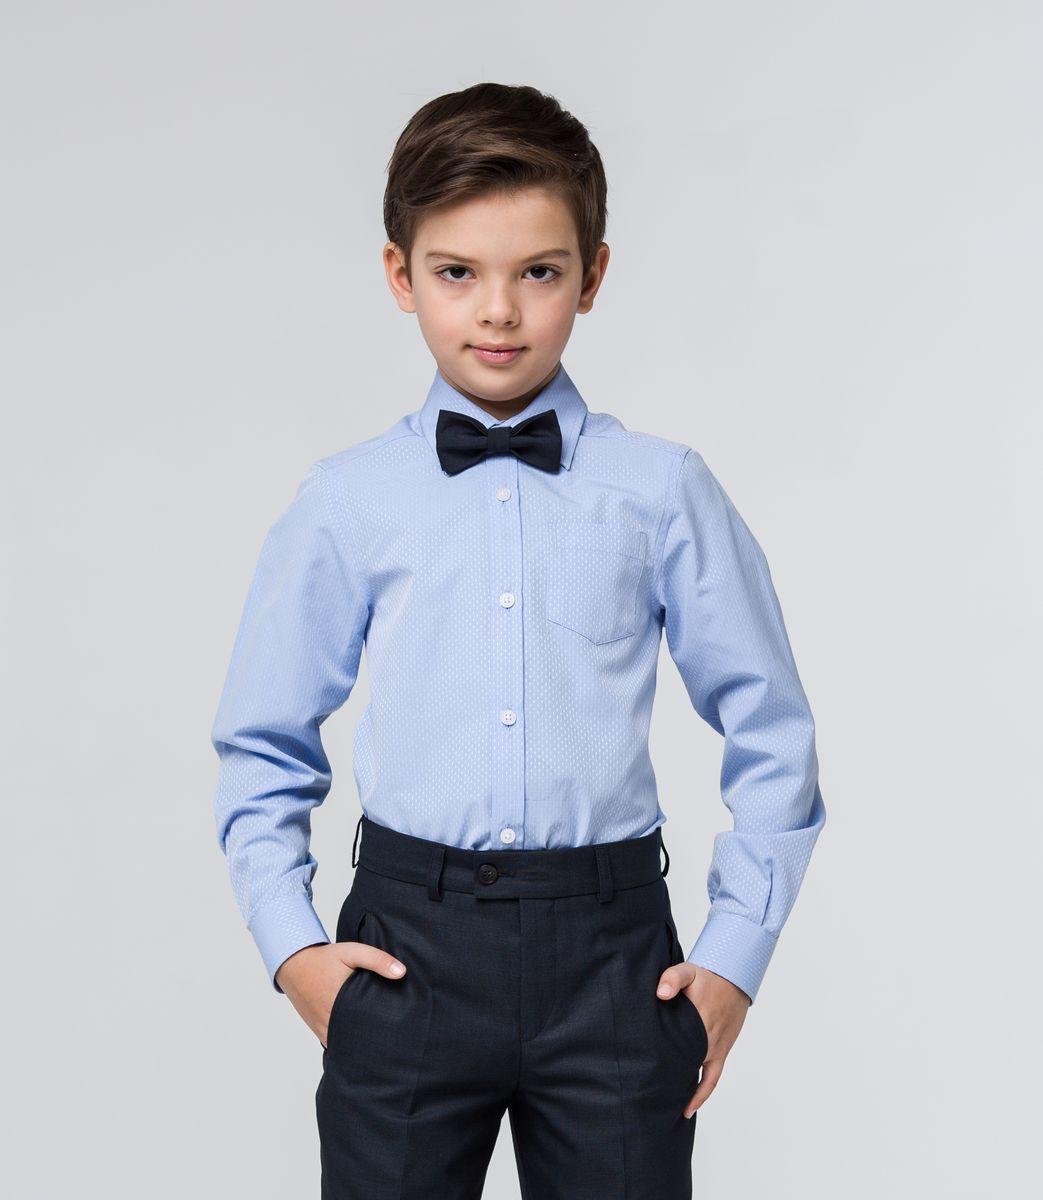 РубашкаSSFSB-629-13830-319Стильная рубашка Silver Spoon станет отличным дополнением к школьному гардеробу вашего мальчика. Модель, выполненная из хлопка с добавлением полиэстера, необычайно мягкая и приятная на ощупь, не сковывает движения и позволяет коже дышать. Рубашка классического кроя с длинными рукавами и отложным воротником застегивается на пуговицы по всей длине. На манжетах предусмотрены застежки-пуговицы. На груди расположен накладной карман. Модель оформлена оригинальным принтом.